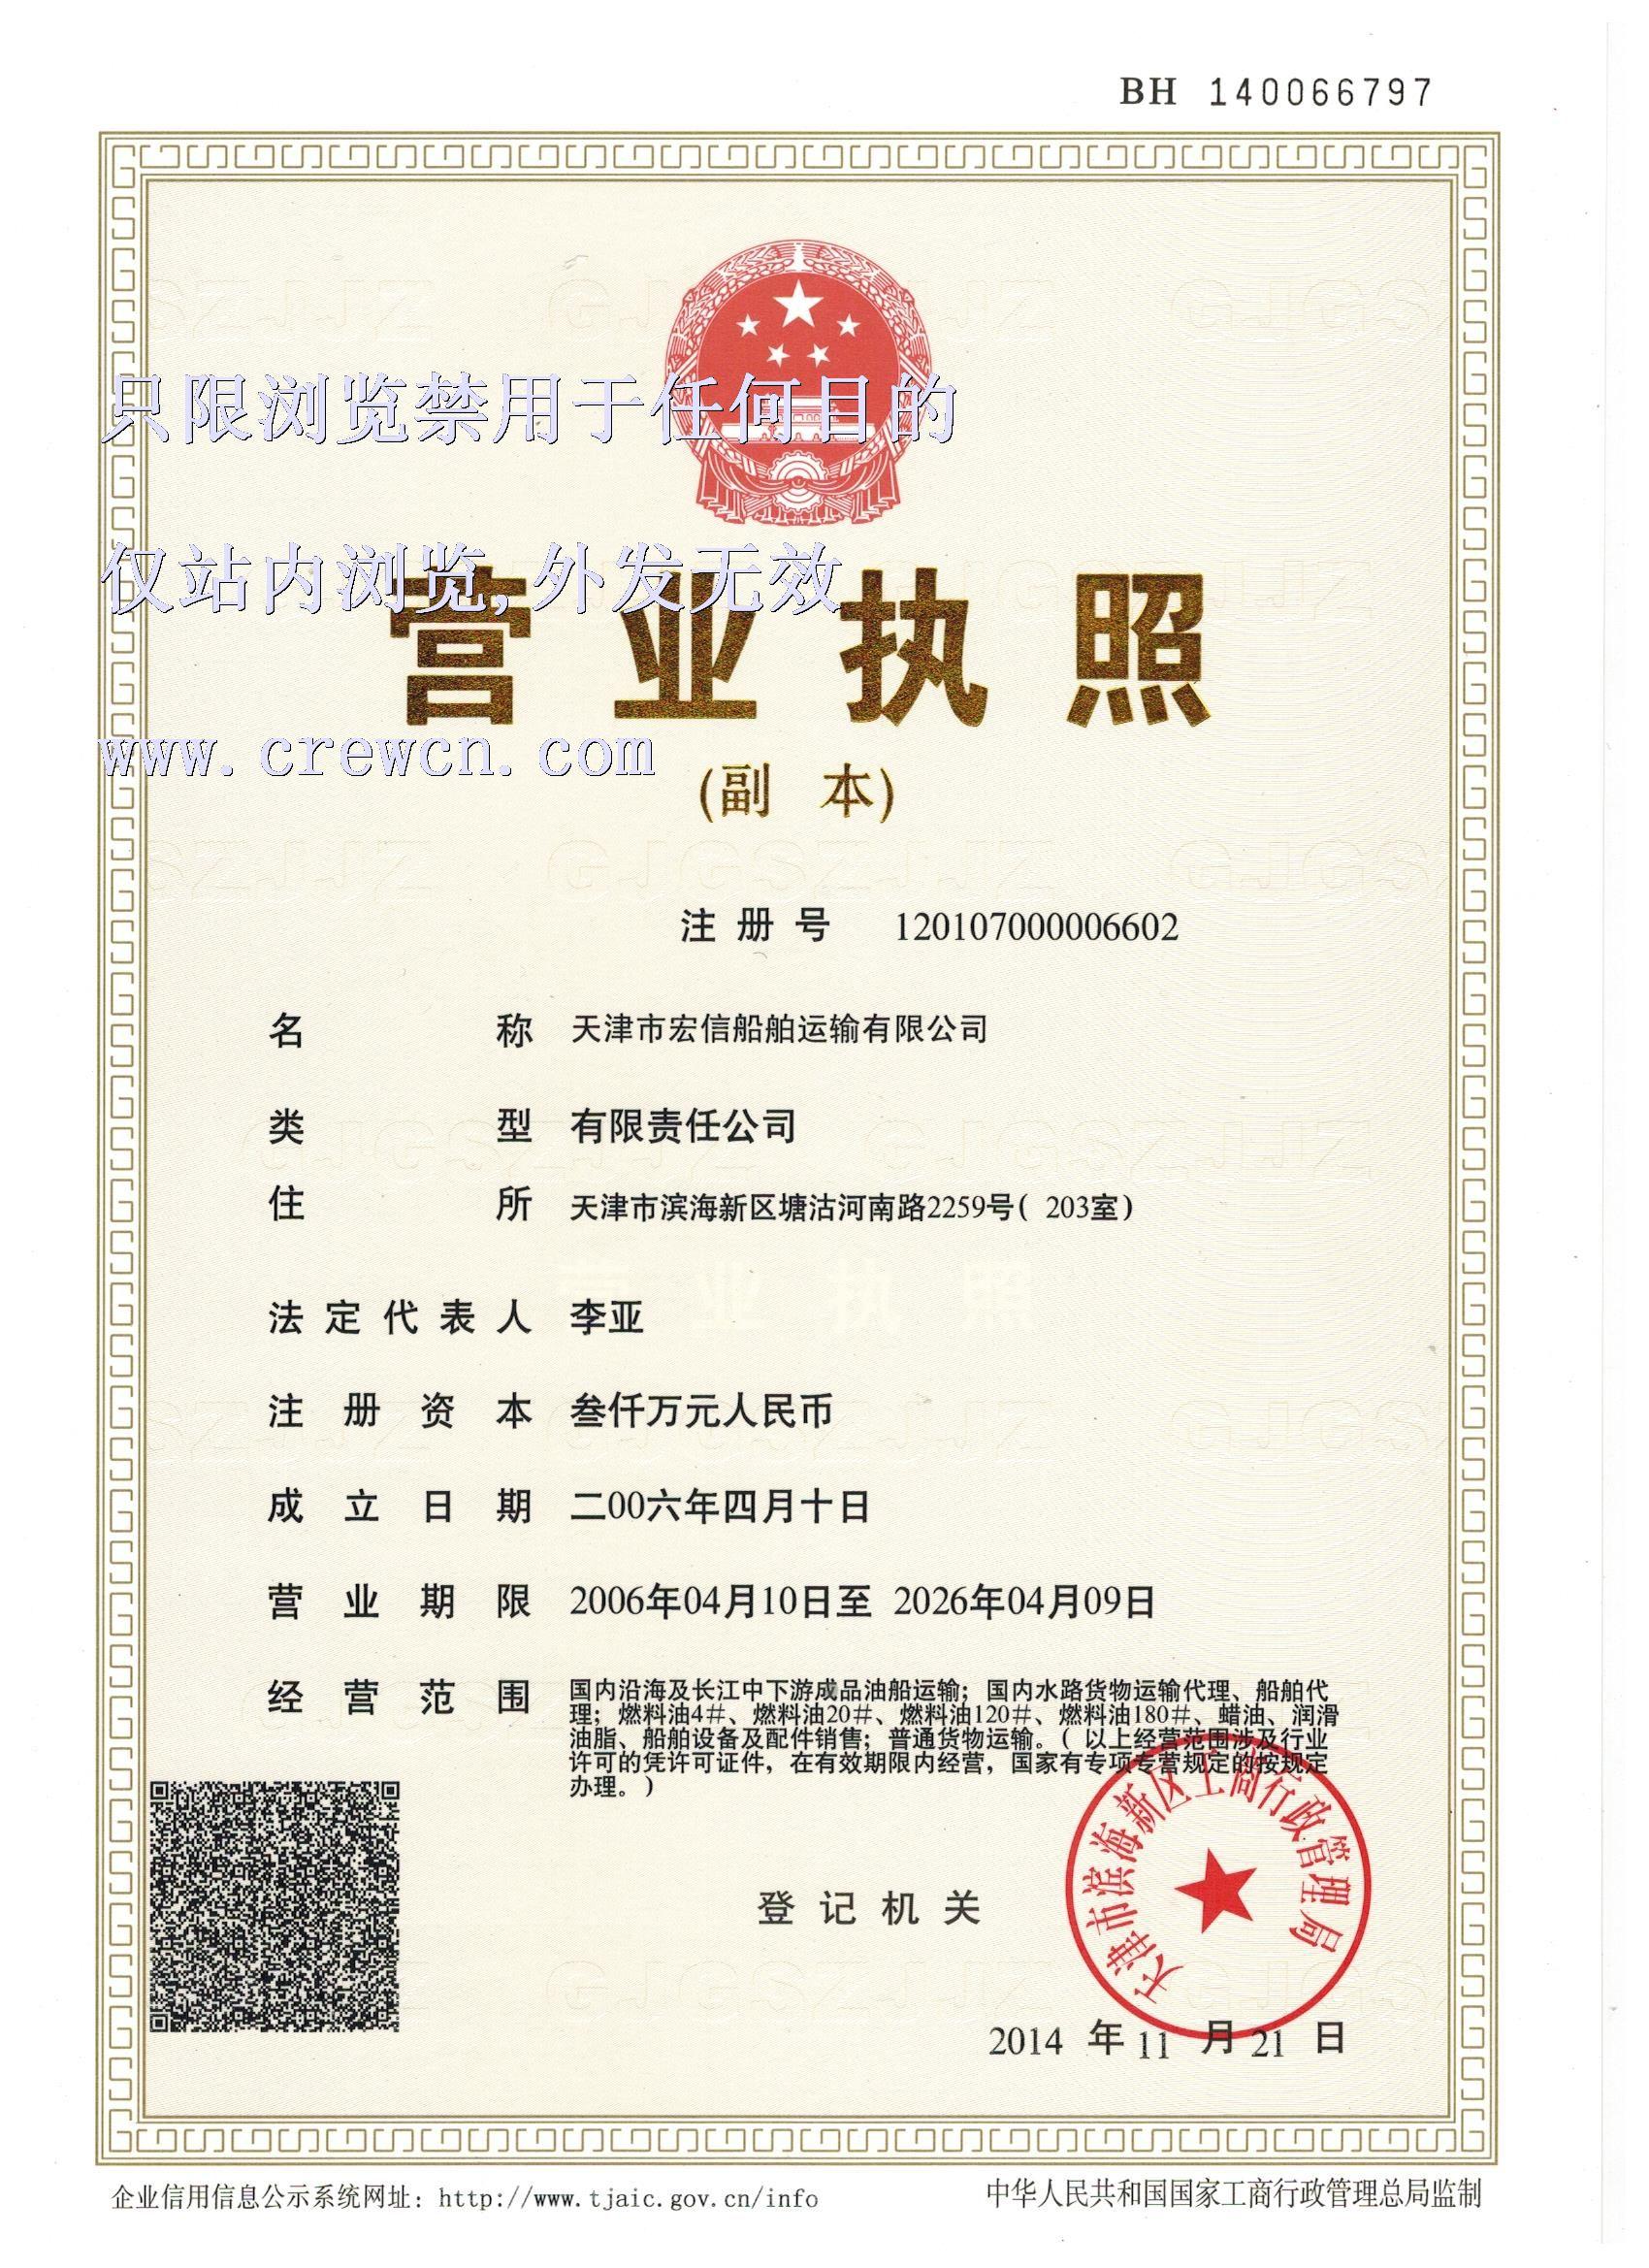 属于企业证照天津市宏信船舶运输隶查看天津开发区之海深圳帝王蟹自助餐图片